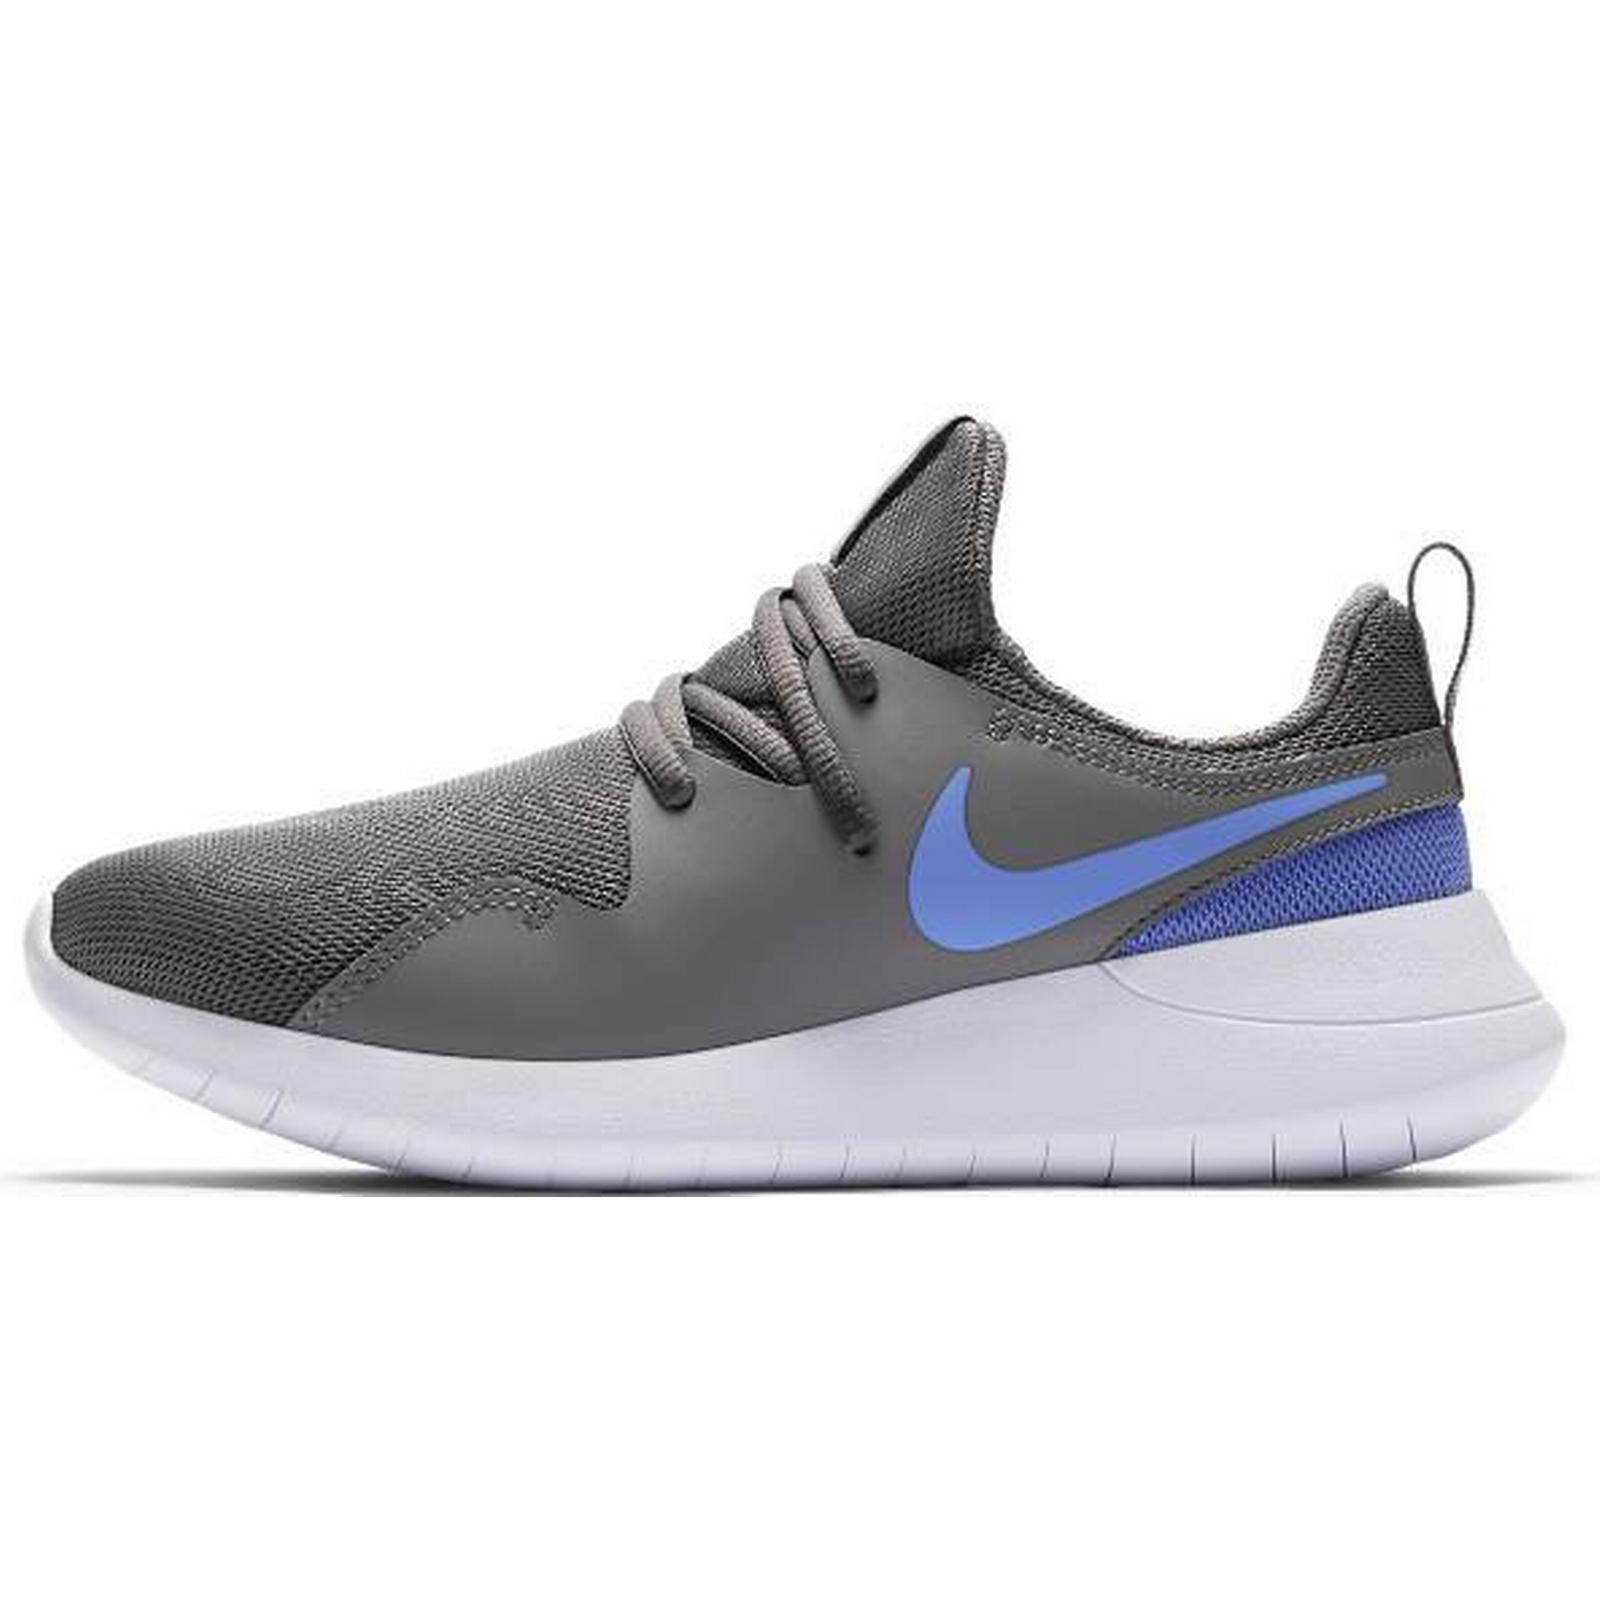 NIKE Buty Dla Dużych Nike Dzieci Nike Dużych Tessen 5d4b90